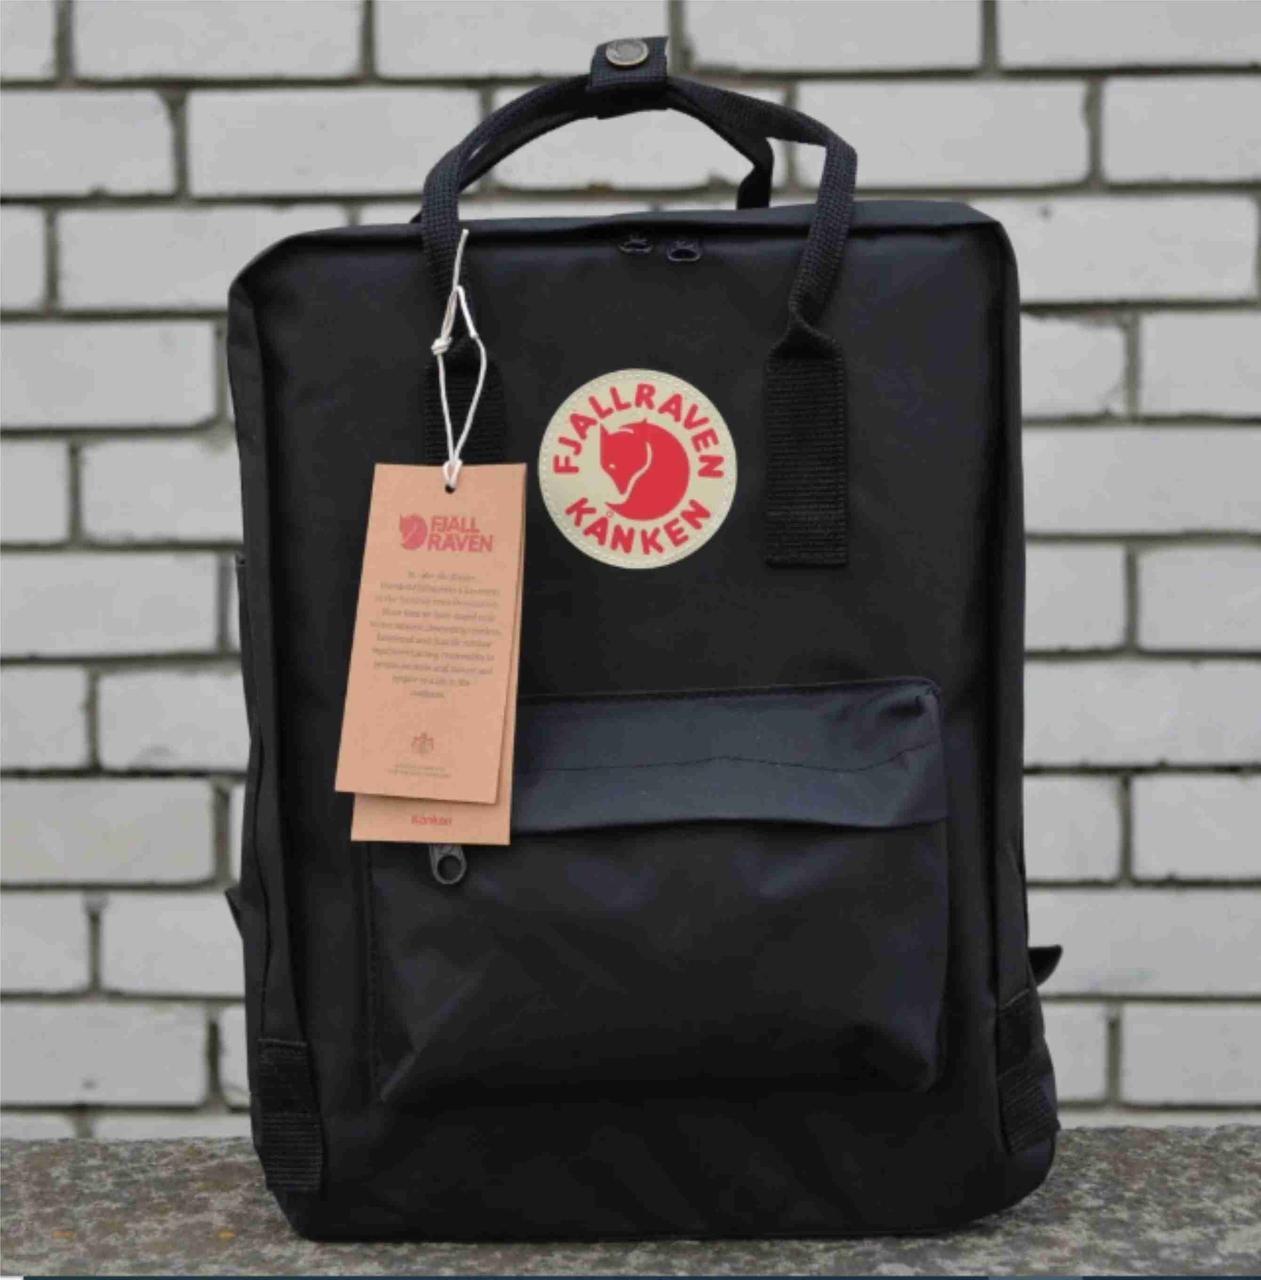 Рюкзак Fjallraven Kanken Classic. Вместительный рюкзак. Черный Рюкзаки Канкен. Рюкзак Шведский Канкен.